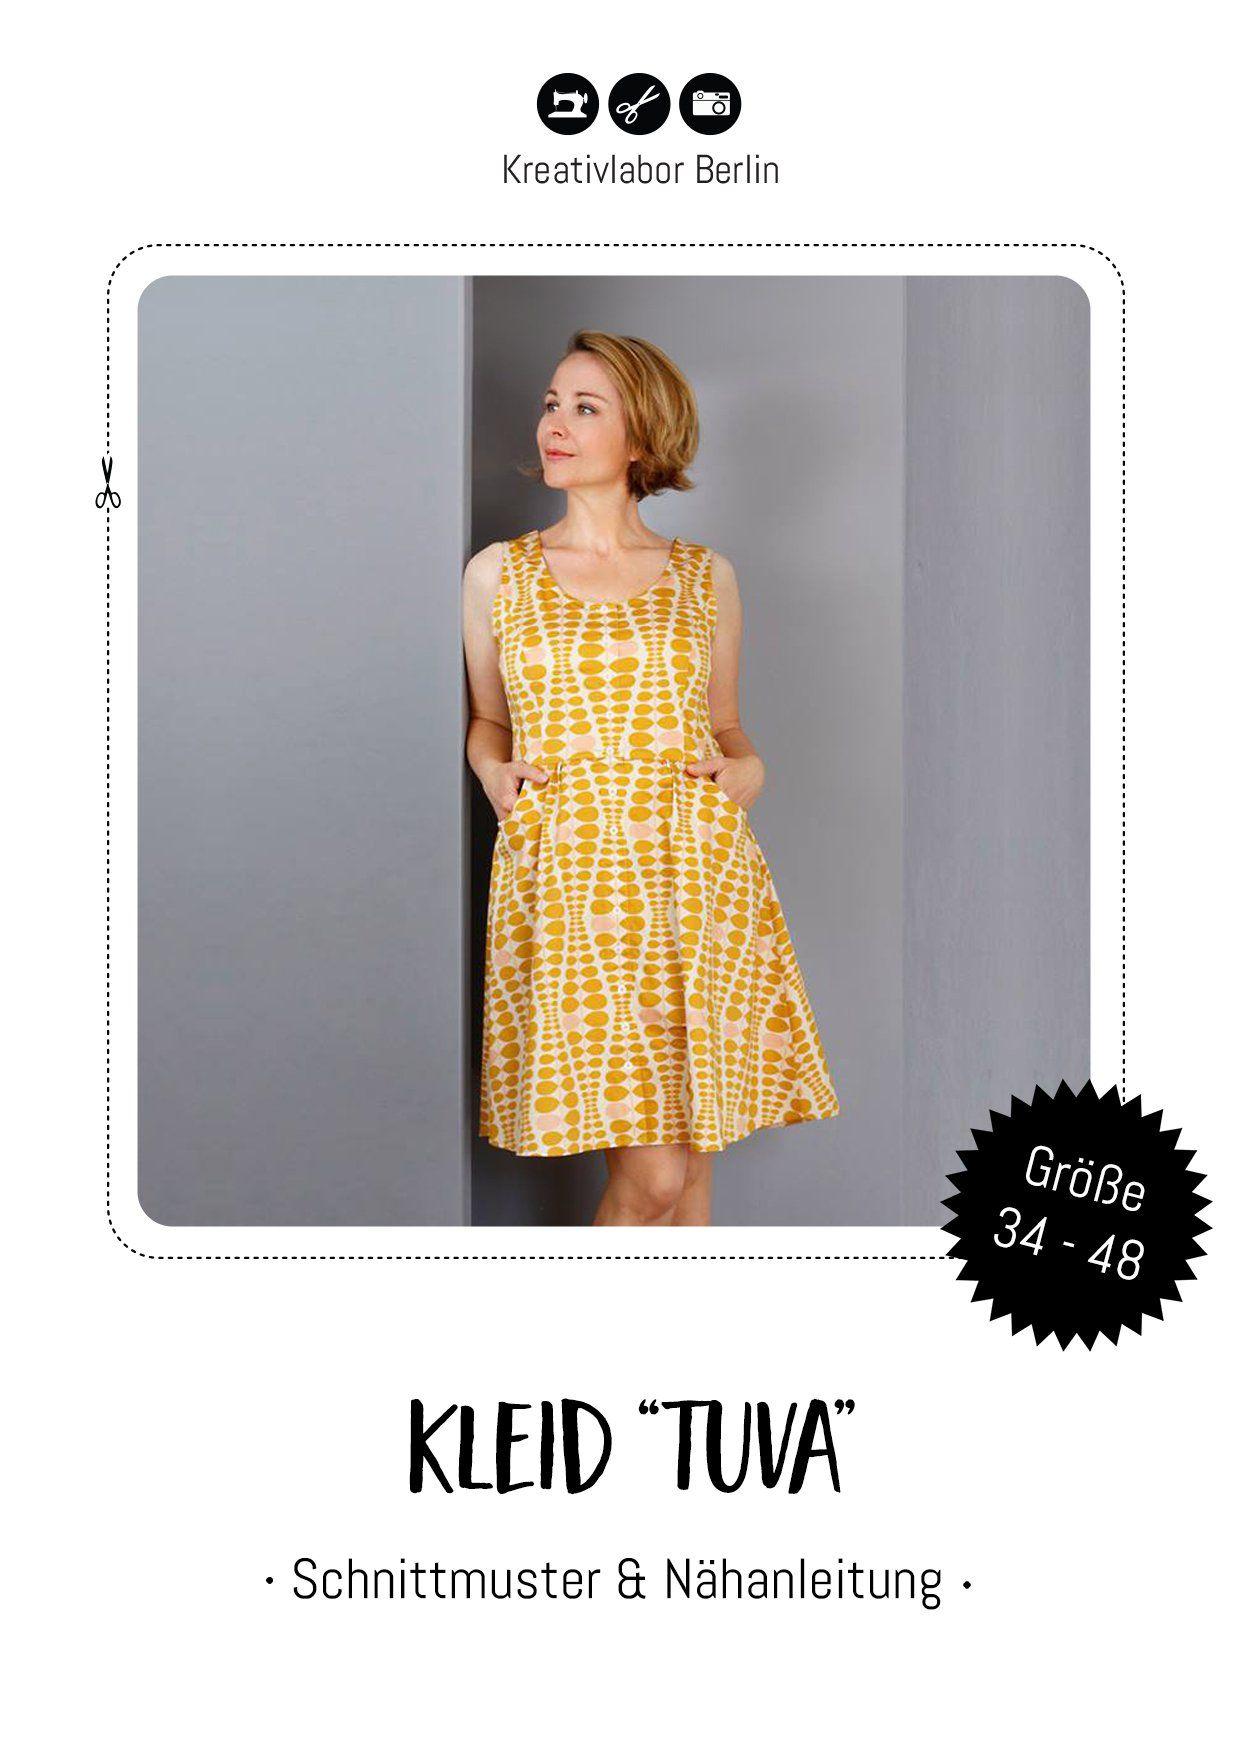 eBook - Tuva - Kleid - Kreativlabor Berlin   Kleider für